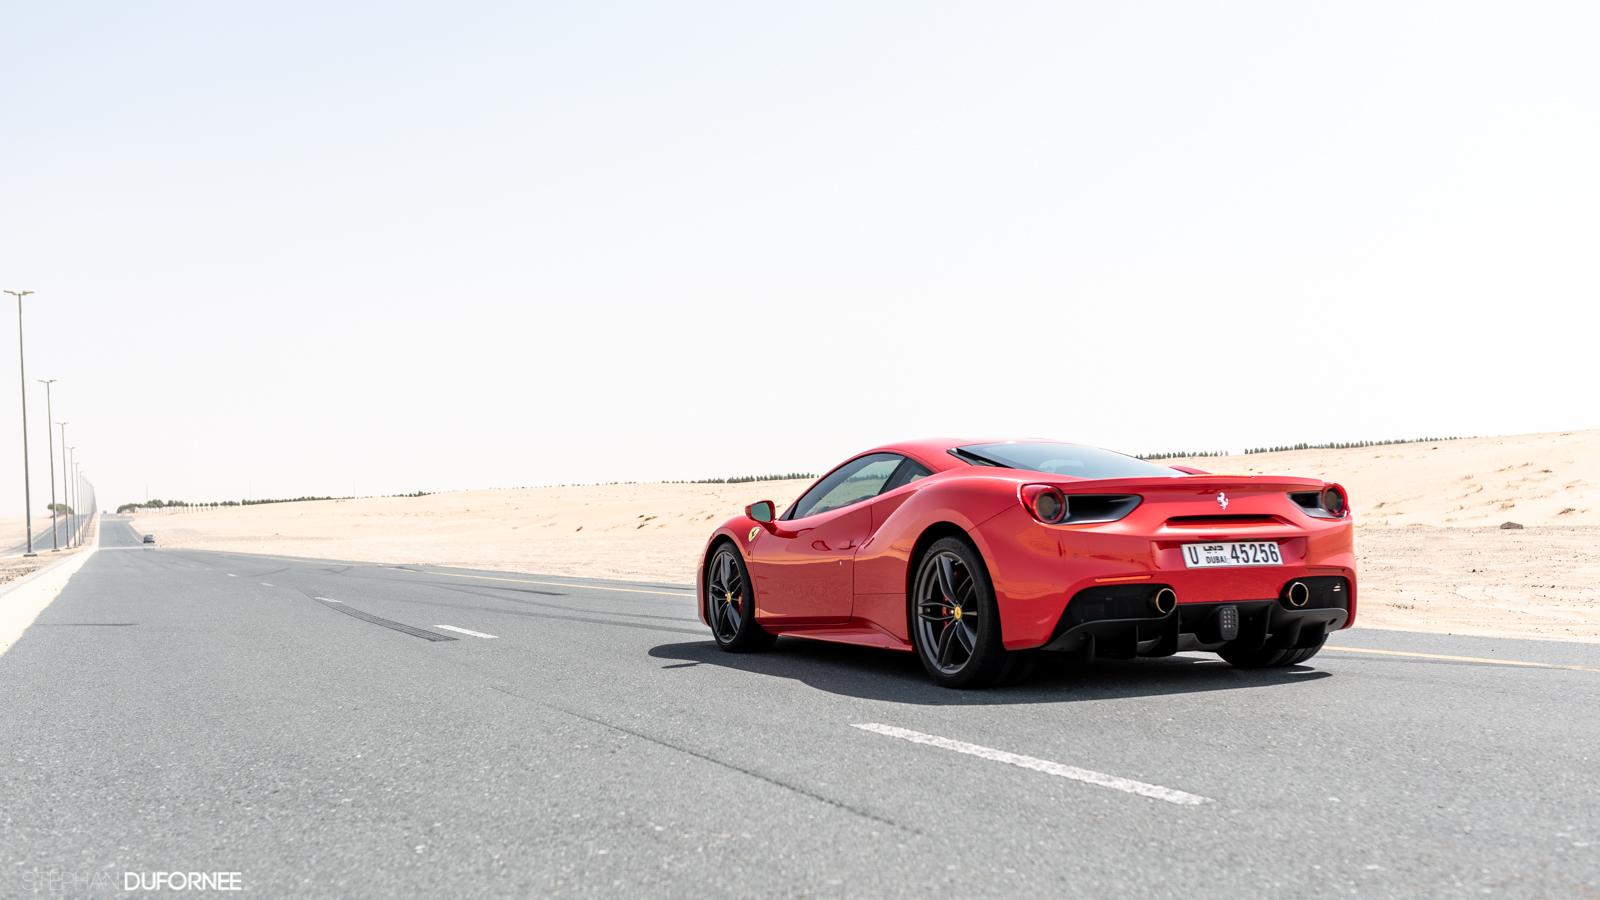 Special: cruising through Dubai in a Ferrari 488 GTB